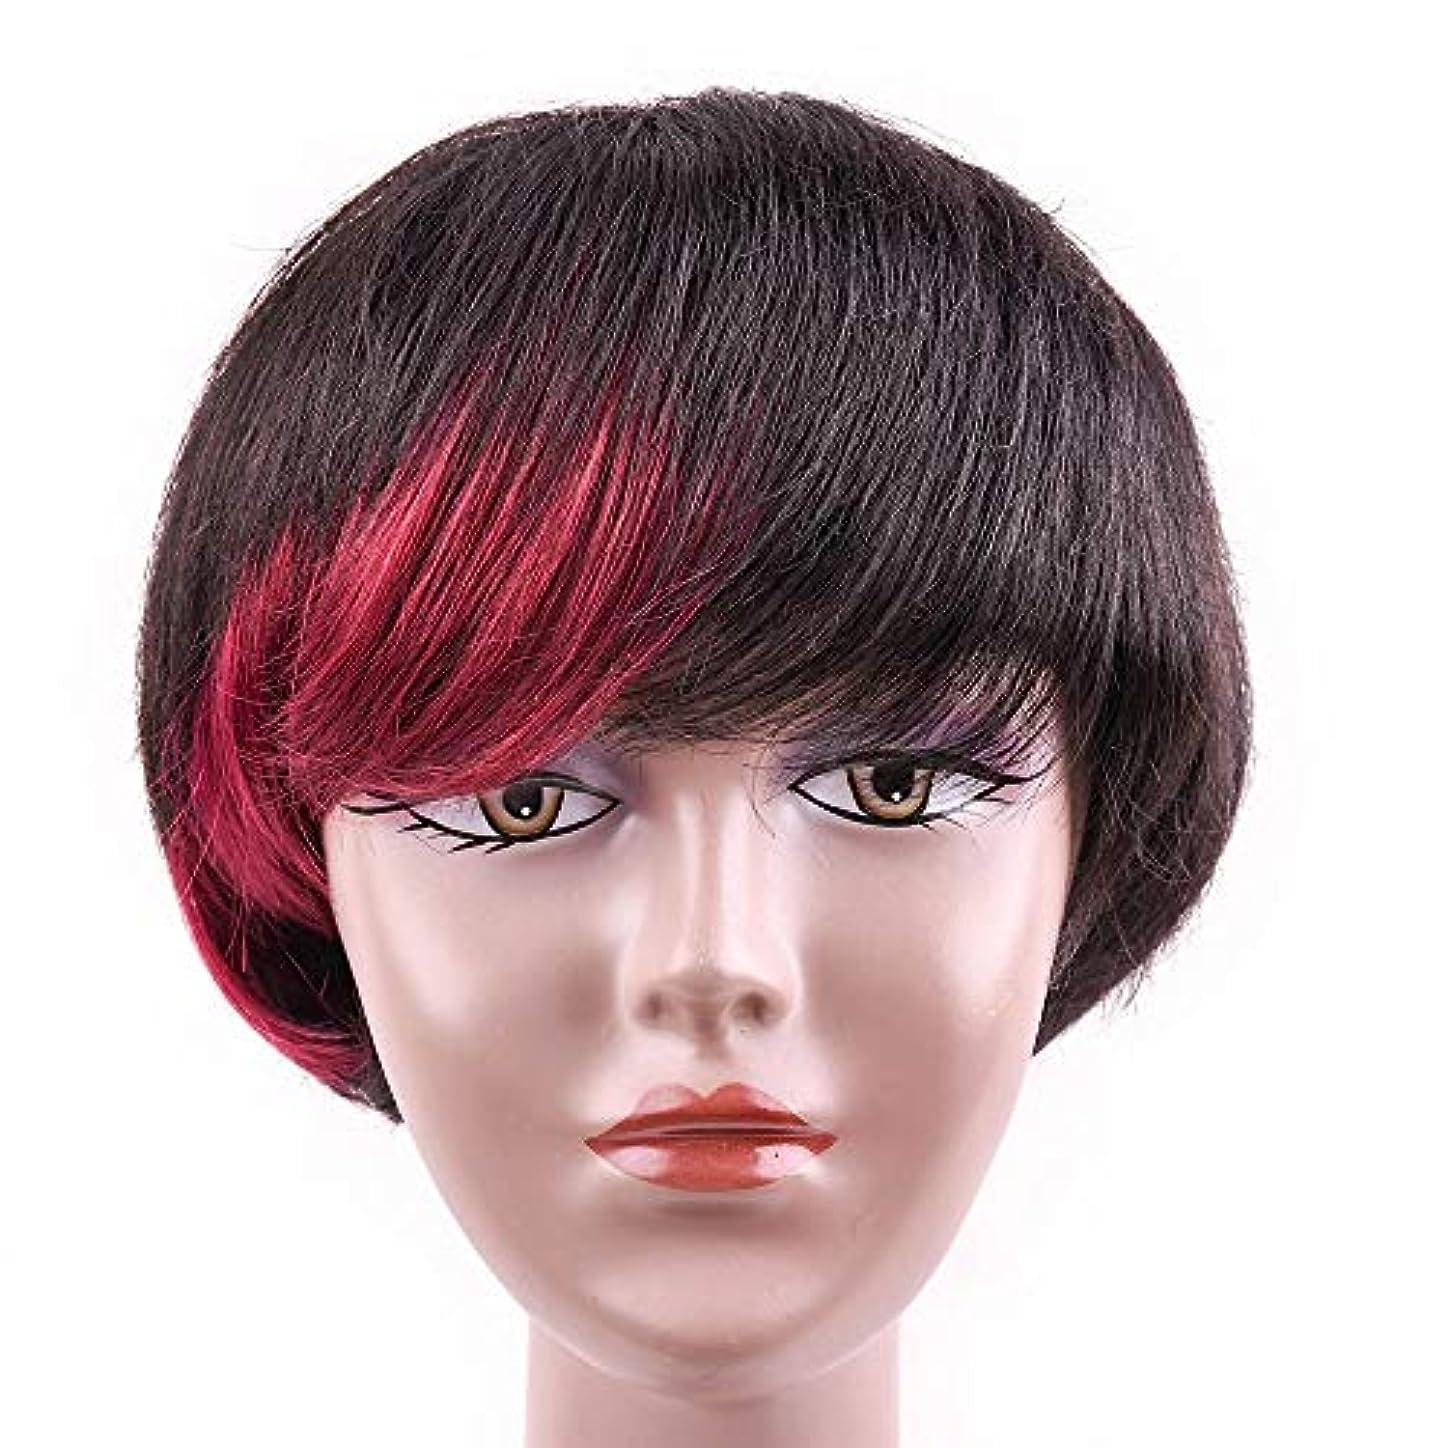 暗殺者ガロン黙YOUQIU 女性6インチブラックレッドカラーのウィッグを強調するために、100%人毛ショートボブウィッグ (色 : 黒, サイズ : 6 inch)